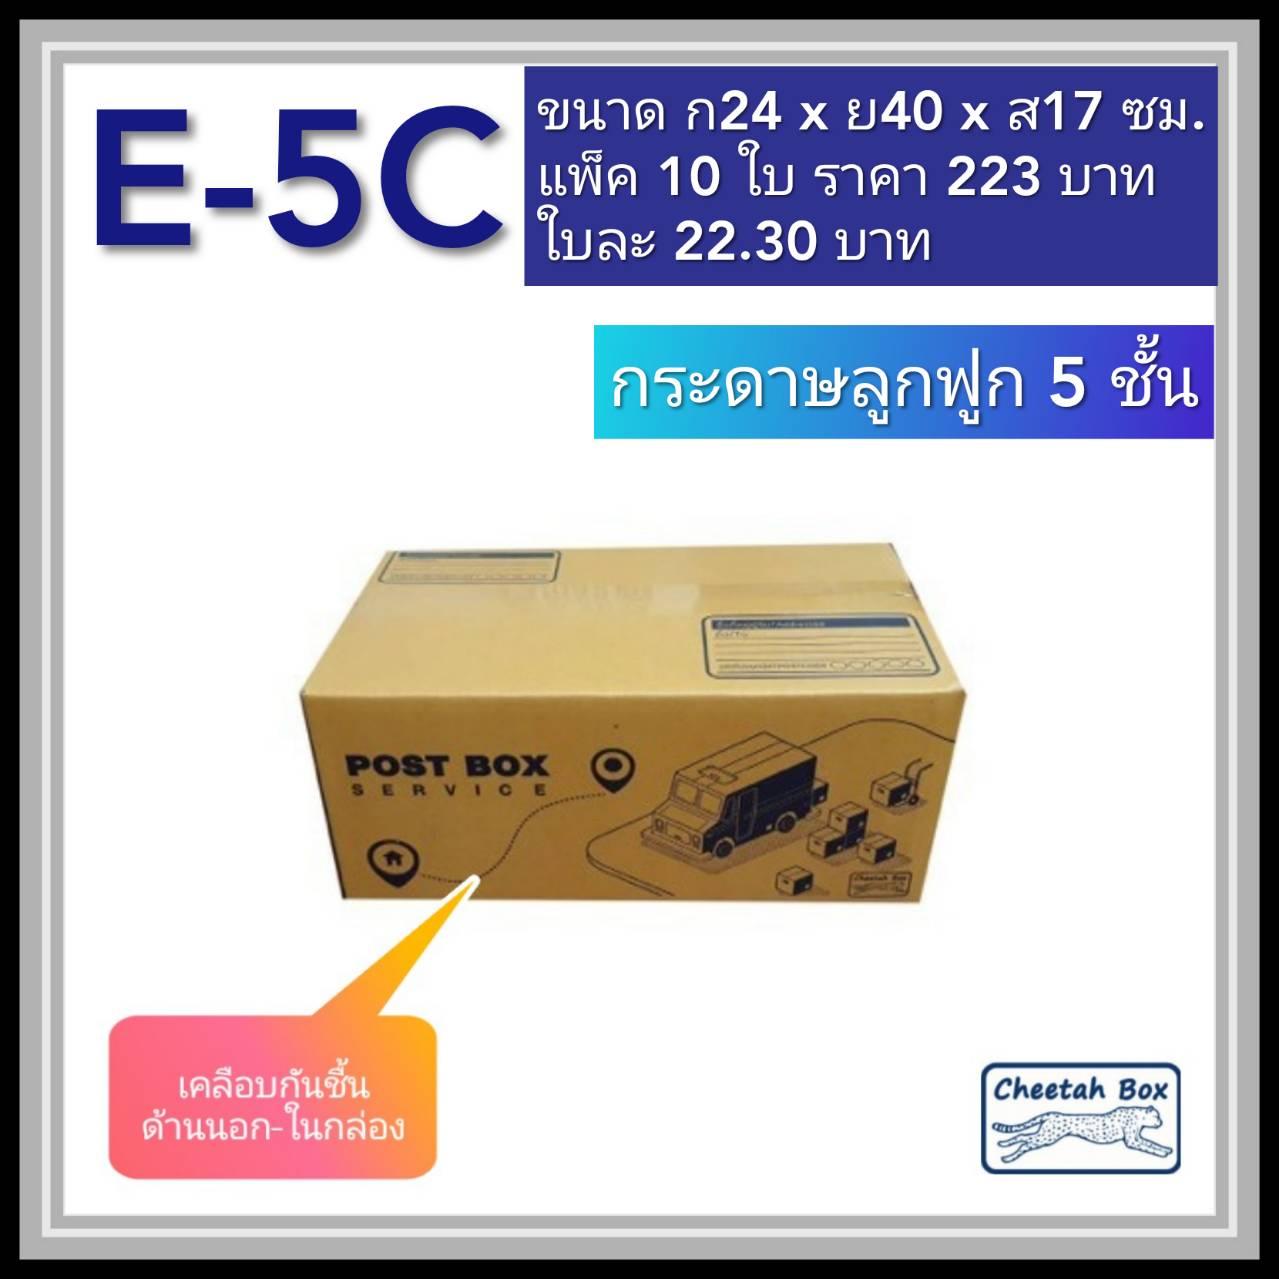 กล่องกระดาษลูกฟู 5 ชั้น E-5C (Cheetah Box ขนาด 24*40*17 CM)